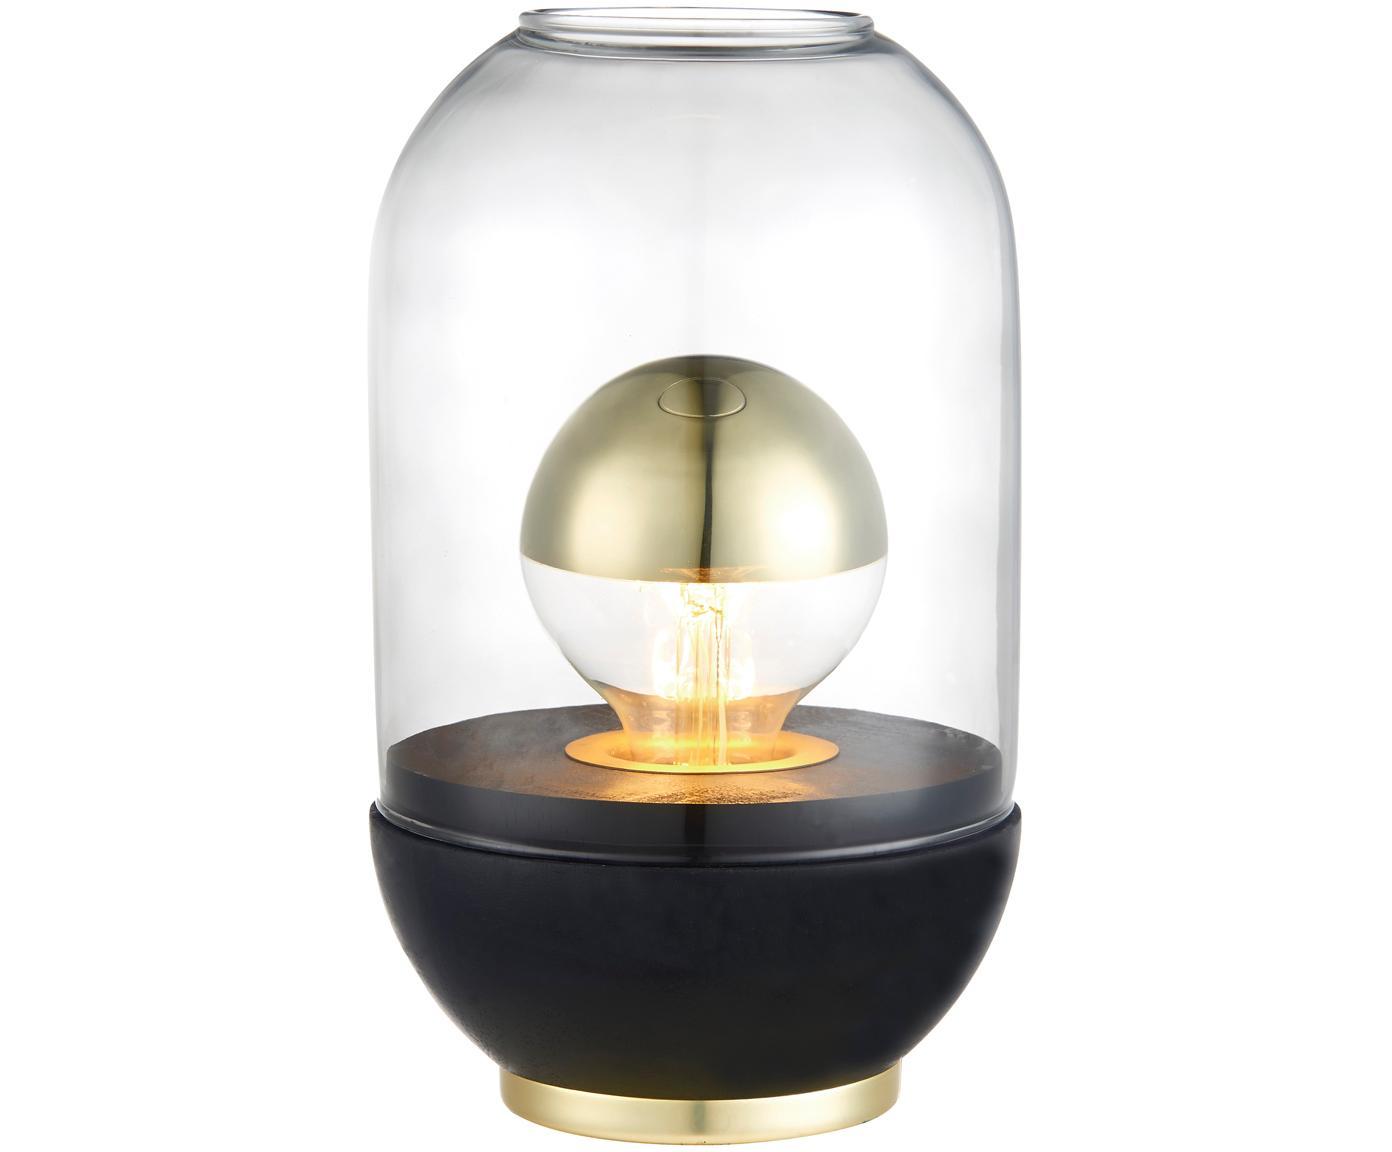 Kleine Tischleuchte Pillola, Lampenschirm: Glas, Lampenfuß: Holz, lackiert, Sockel: Metall, Transparent, Schwarz, Ø 14 x H 24 cm